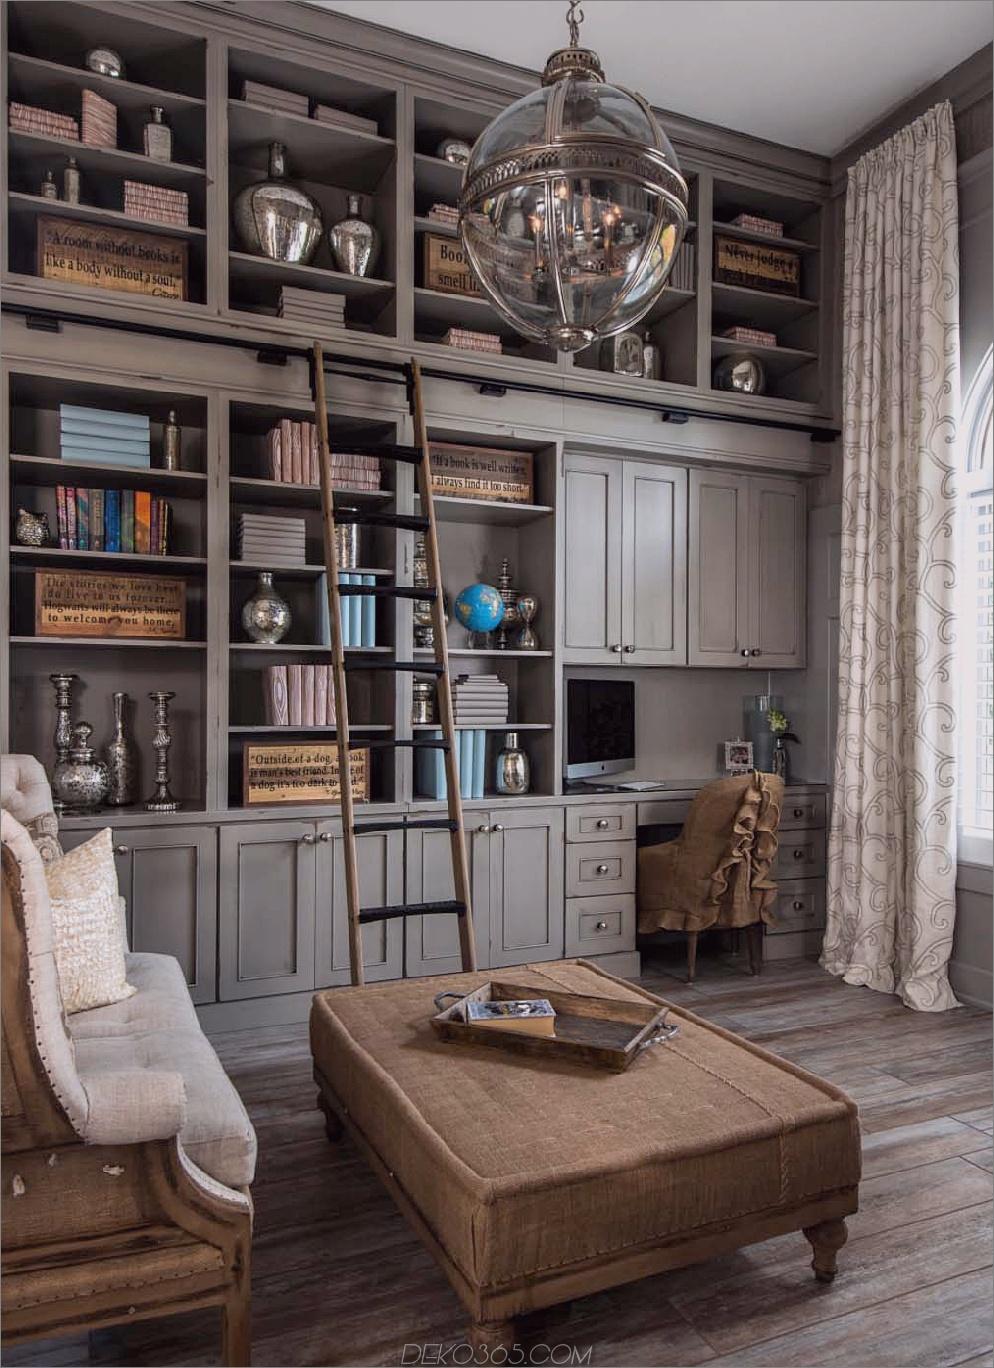 neutrale Heimbibliothek 12 Heimbibliotheken mit einwandfreiem Stil